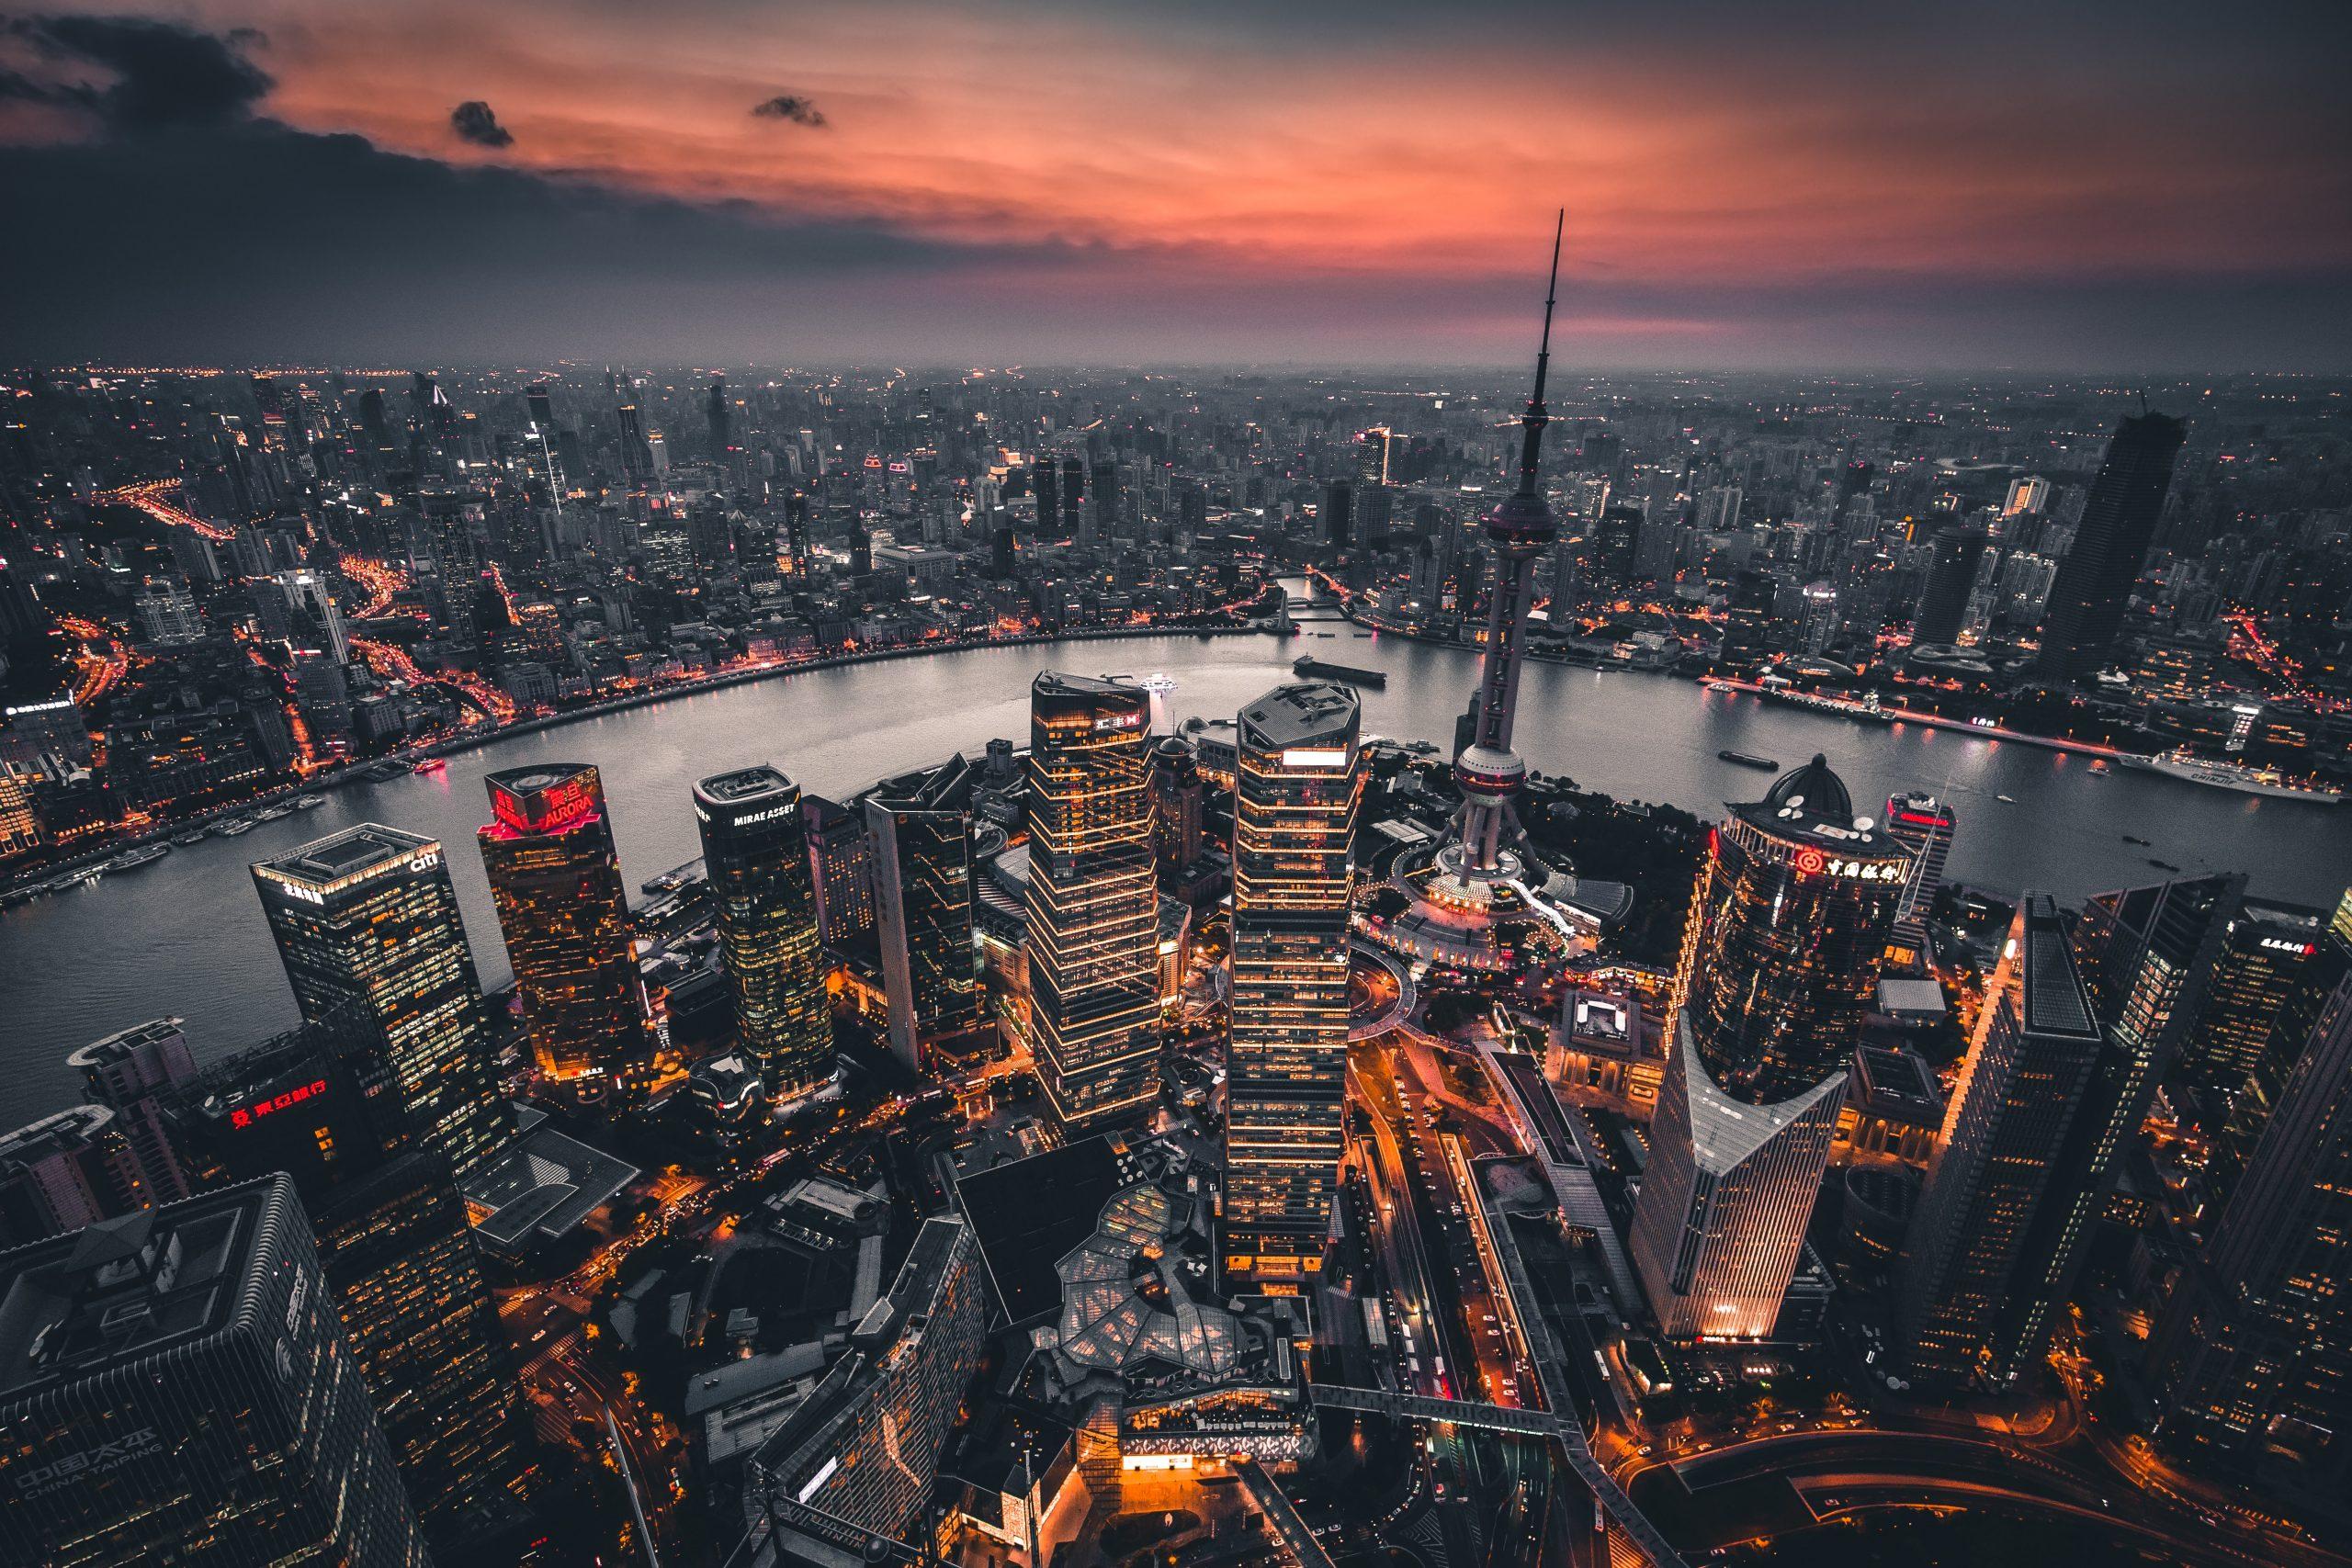 VIA Publica Livro Sobre Os Habitats De Inovação Na China